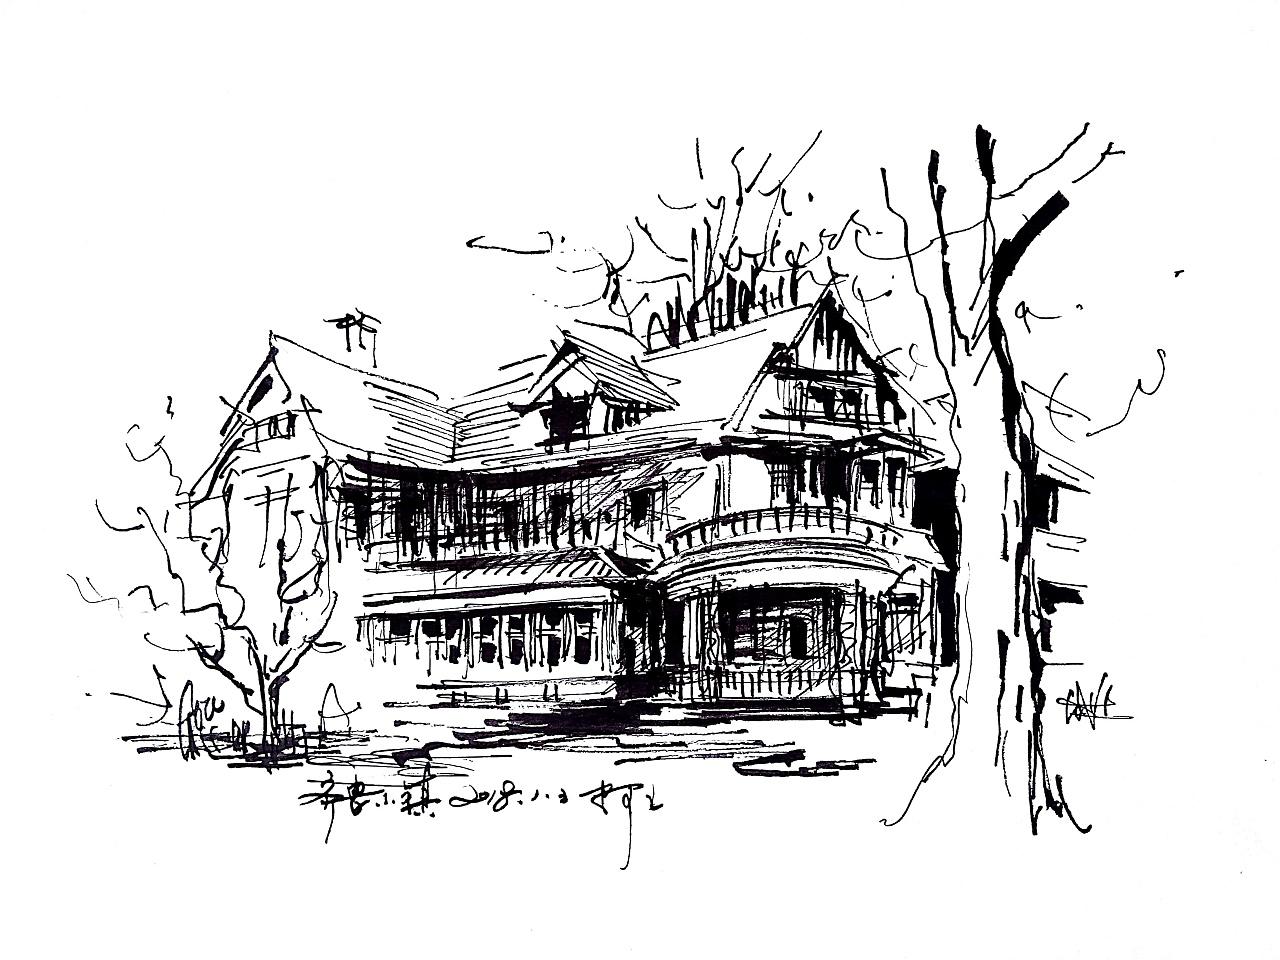 速写钢笔画风景建筑速写阿王速写建筑